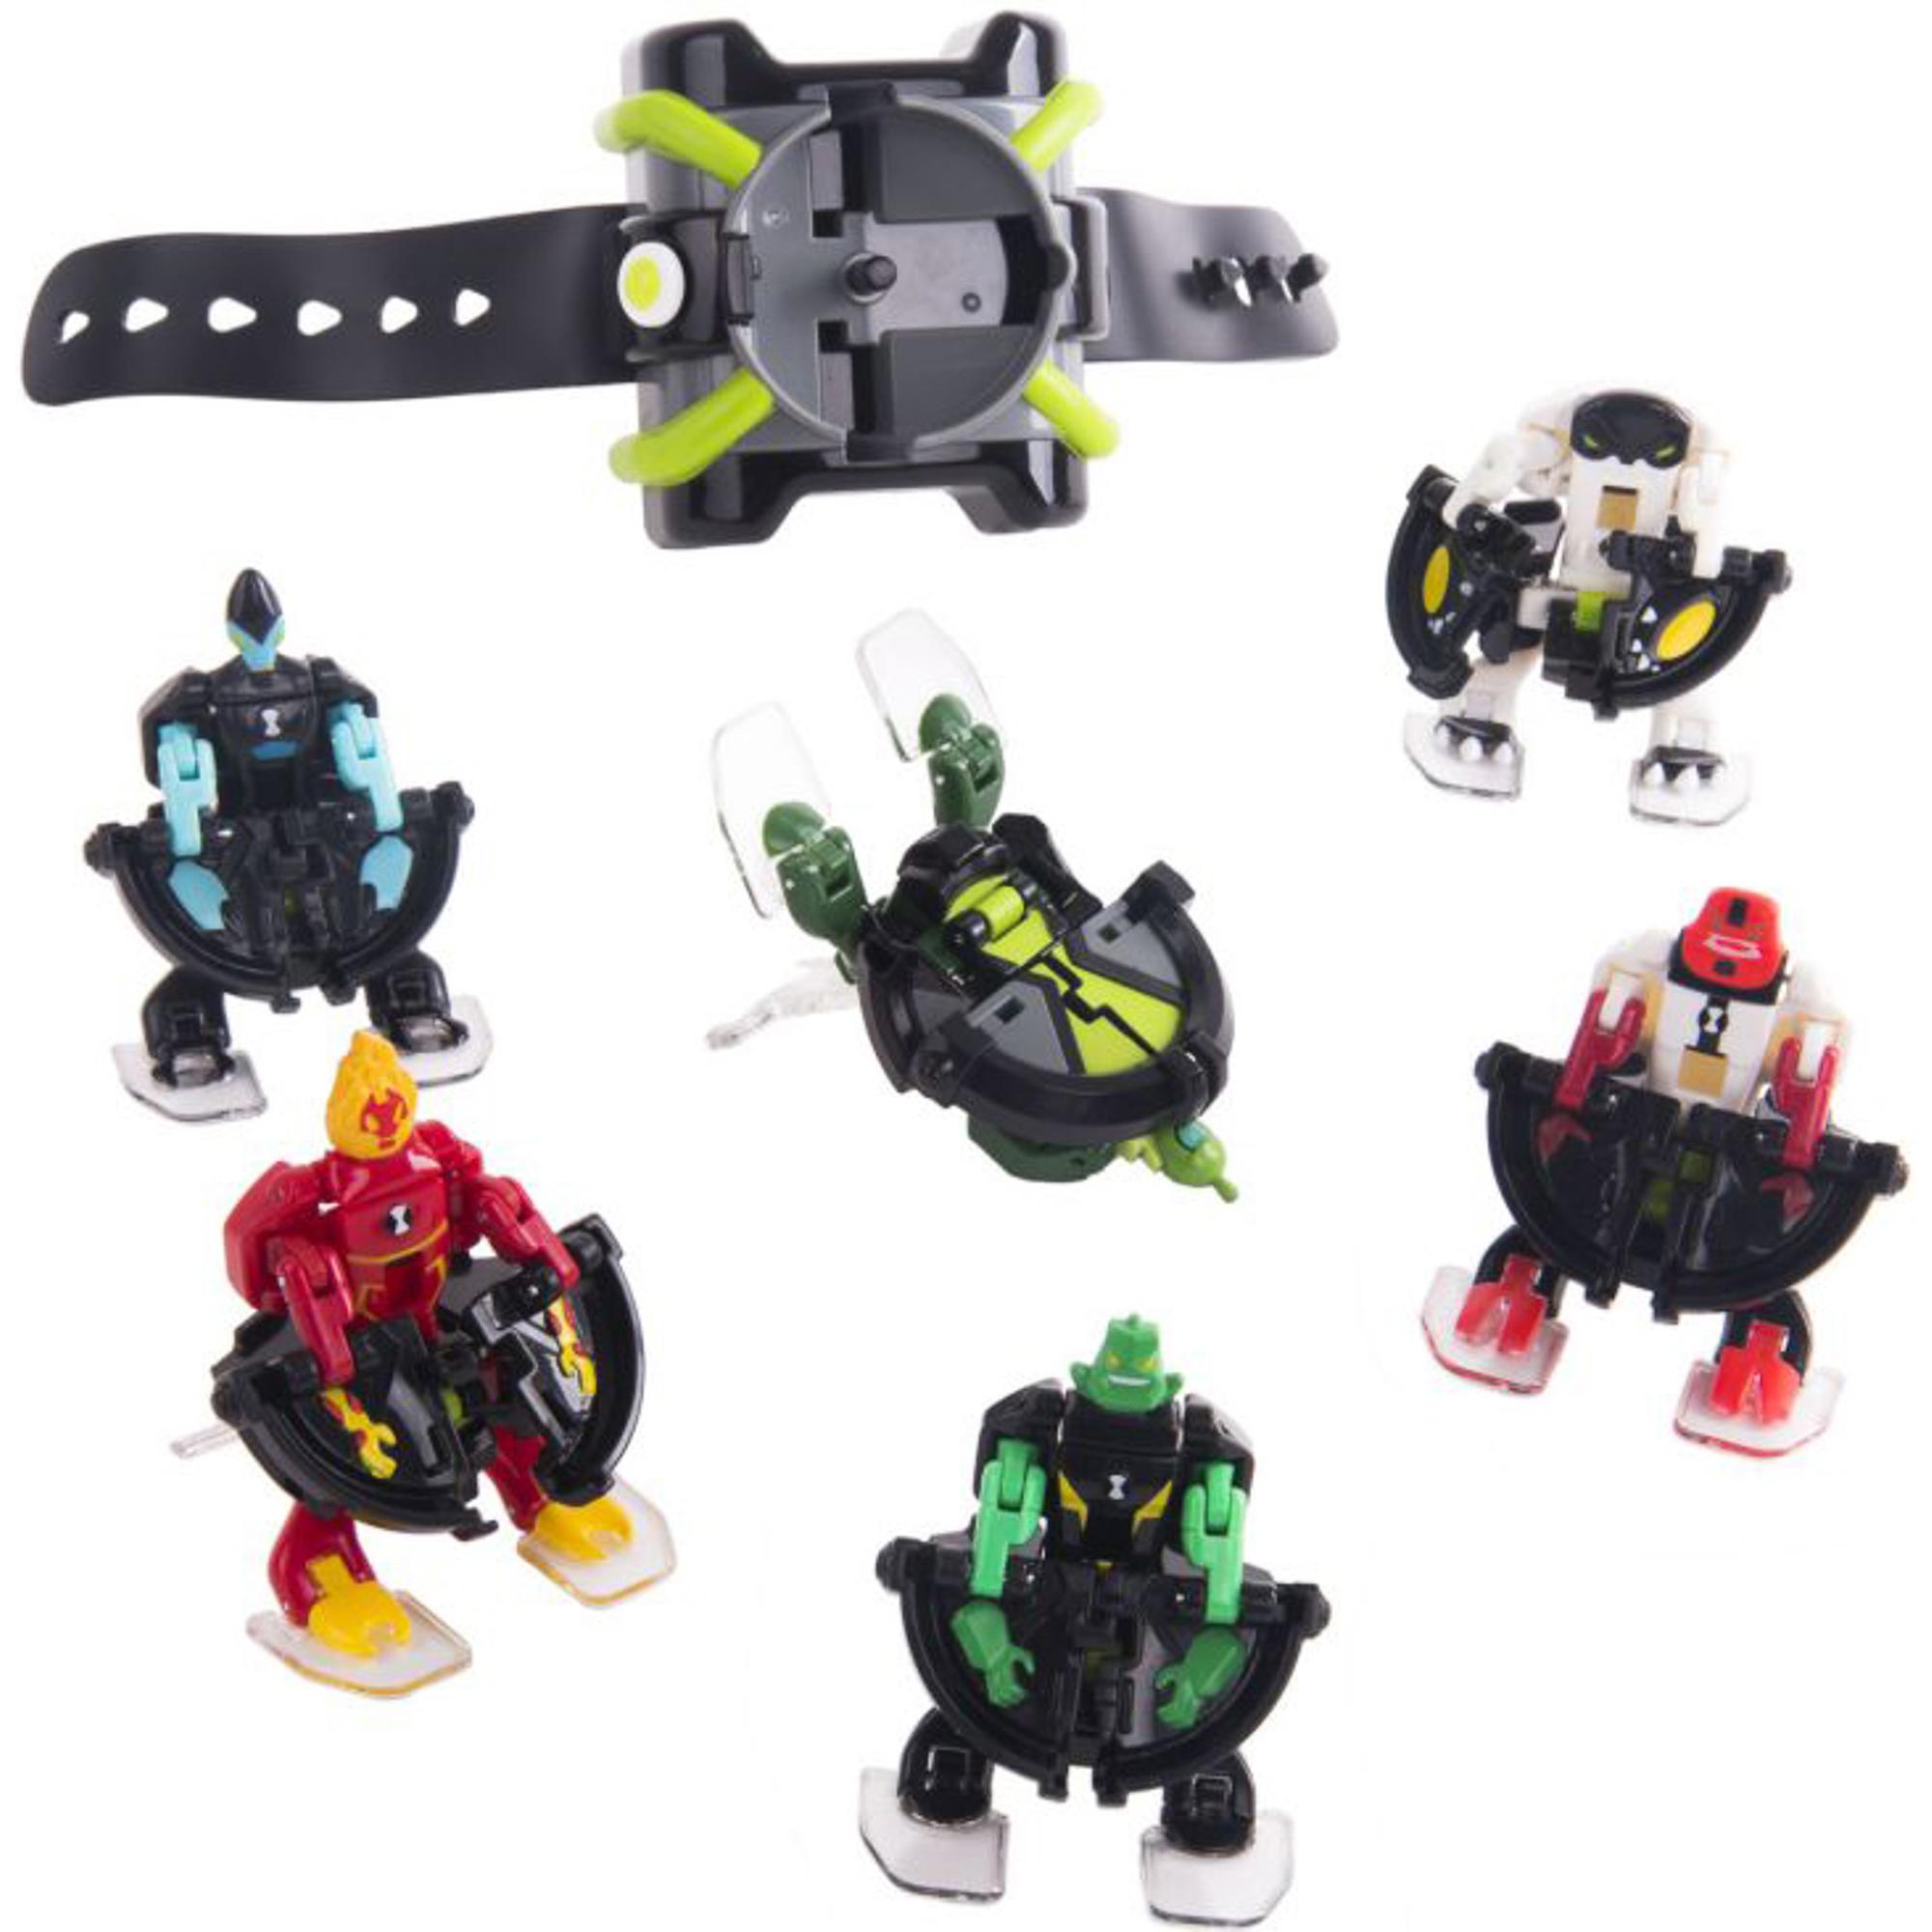 Купить Игровой набор Бен 10 Омнизапуск Мегапак часы и 6 фигурок, Playmates, набор фигурок, Китай, пластик